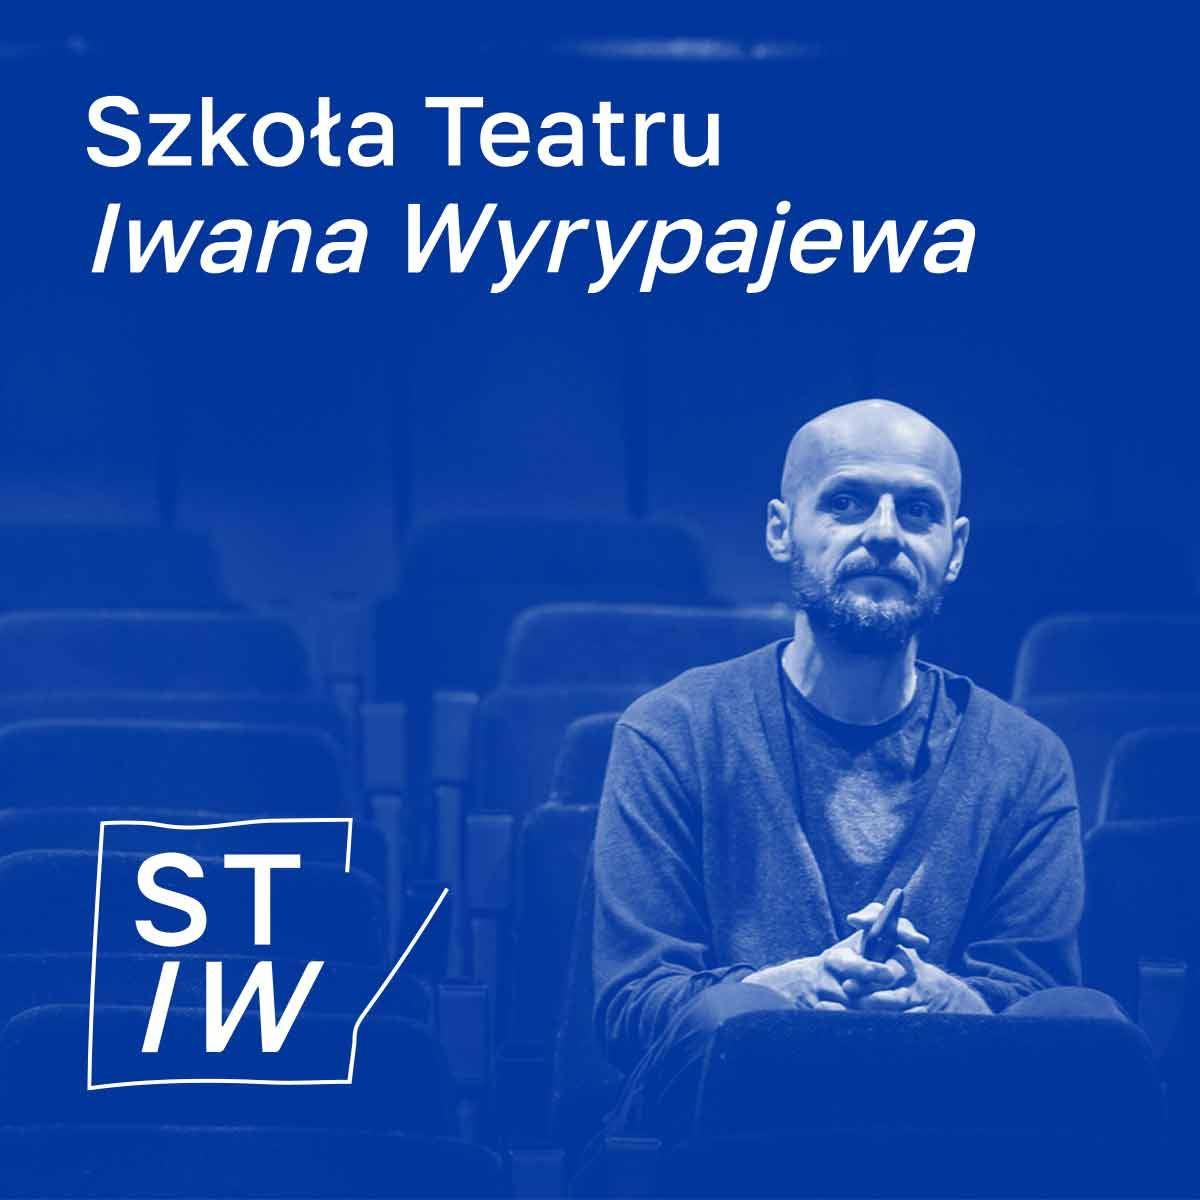 Szkoła teatru Iwana Wyrypajewa